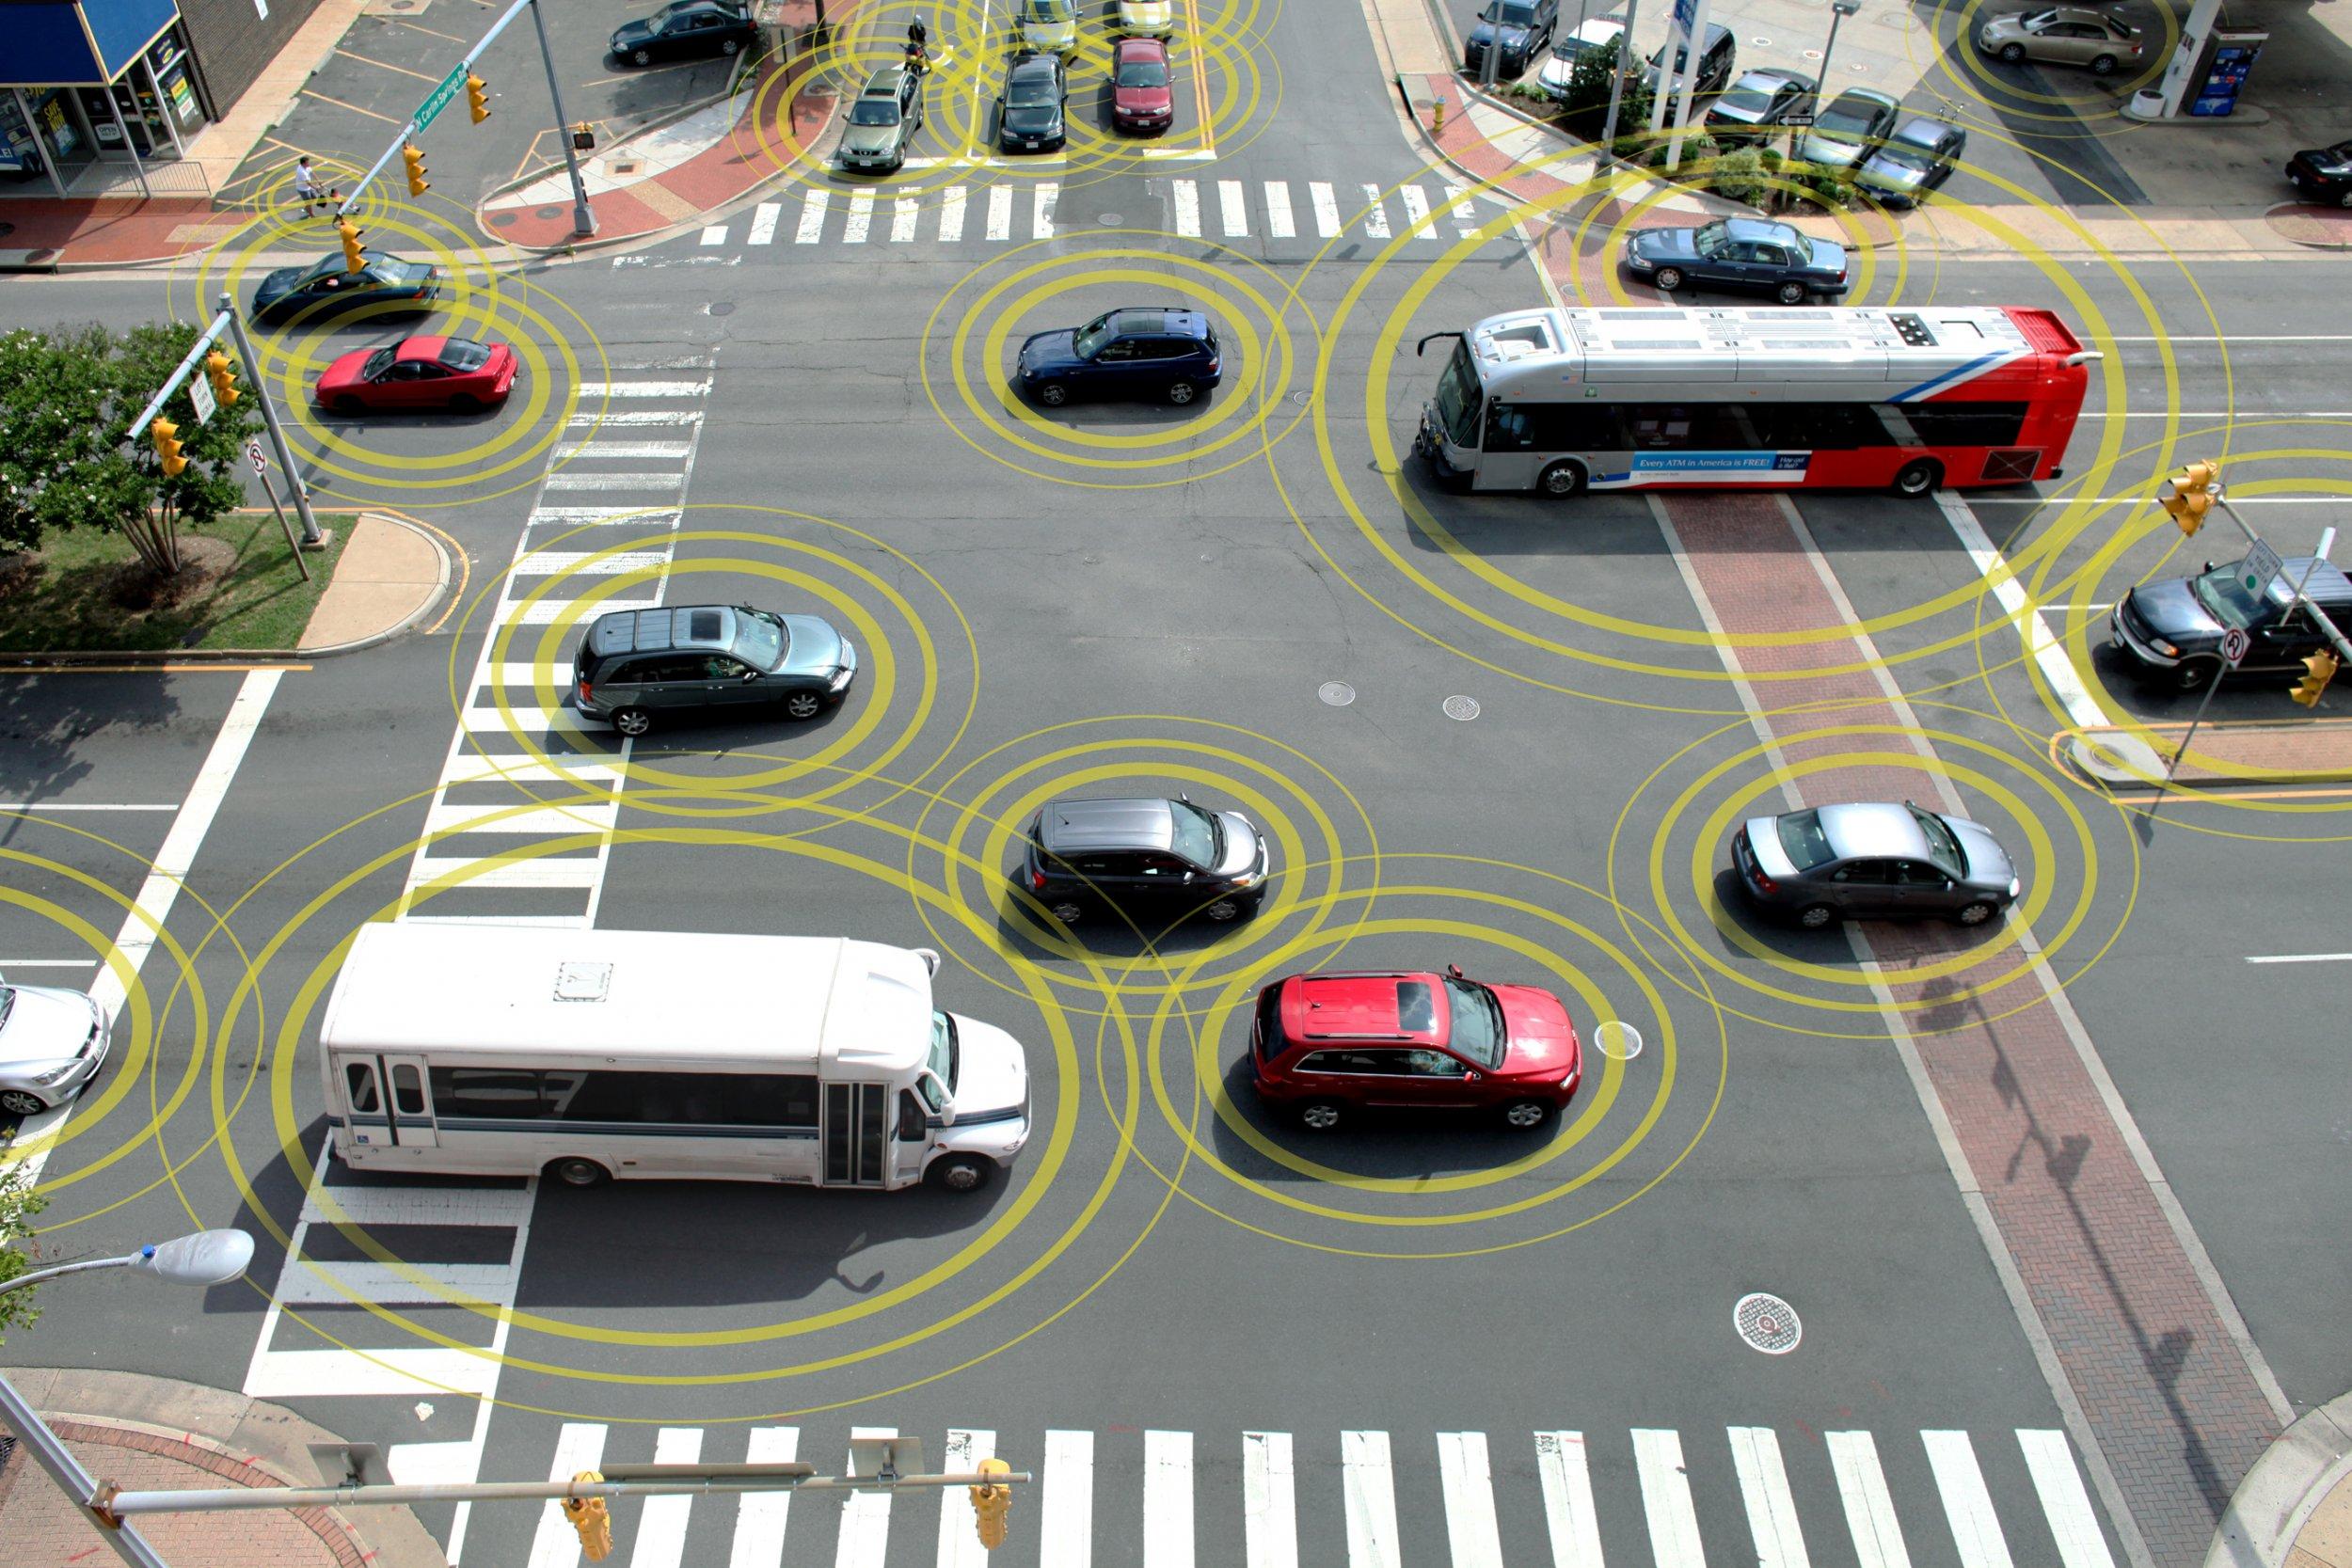 2.4_VehicleCommunication